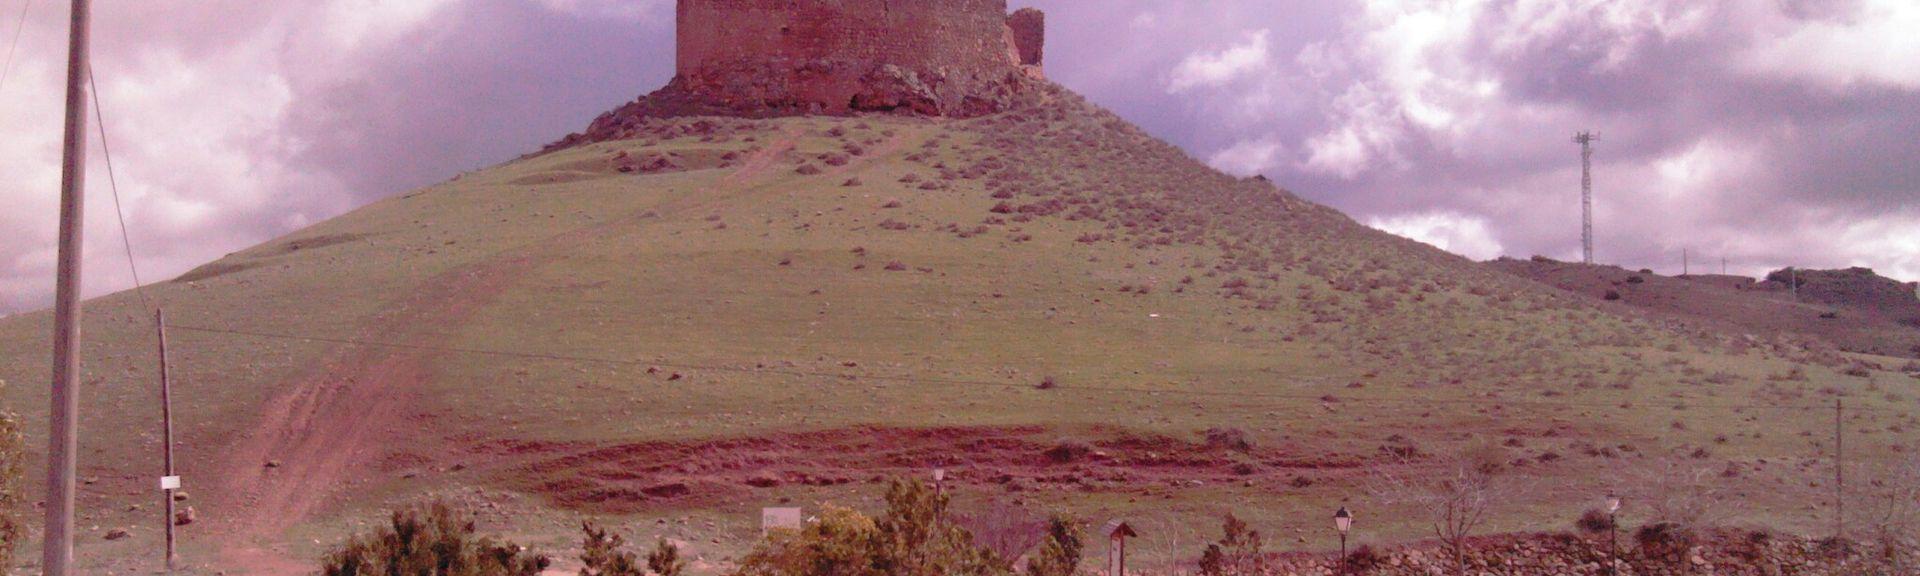 Kastilien-La Mancha, Spanien